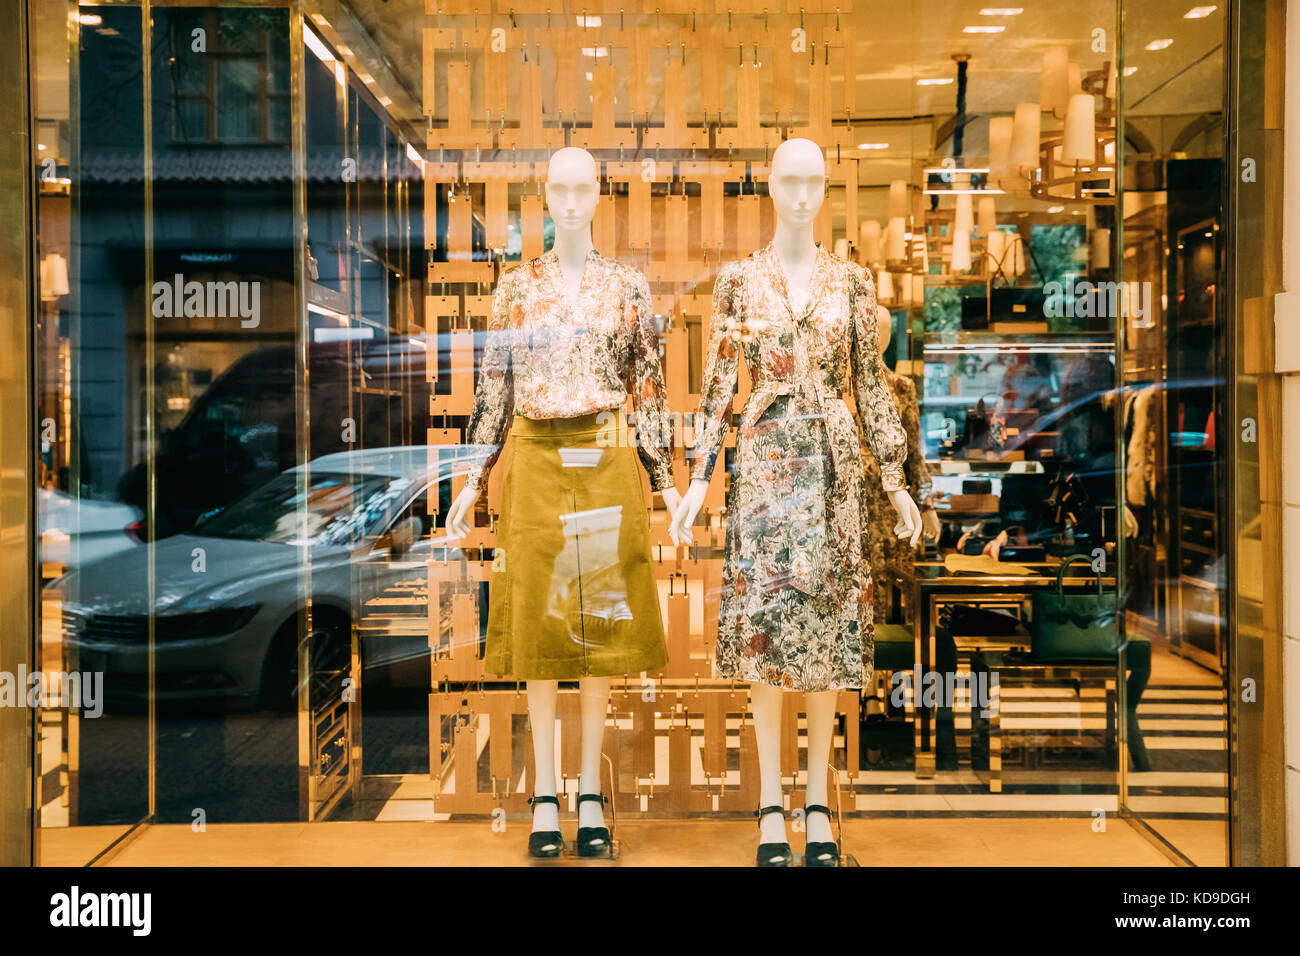 c52b7c6ef43 Mannequins femme avec robe de luxe en vitrine vitrine de magasin mall  marché. Photo Stock